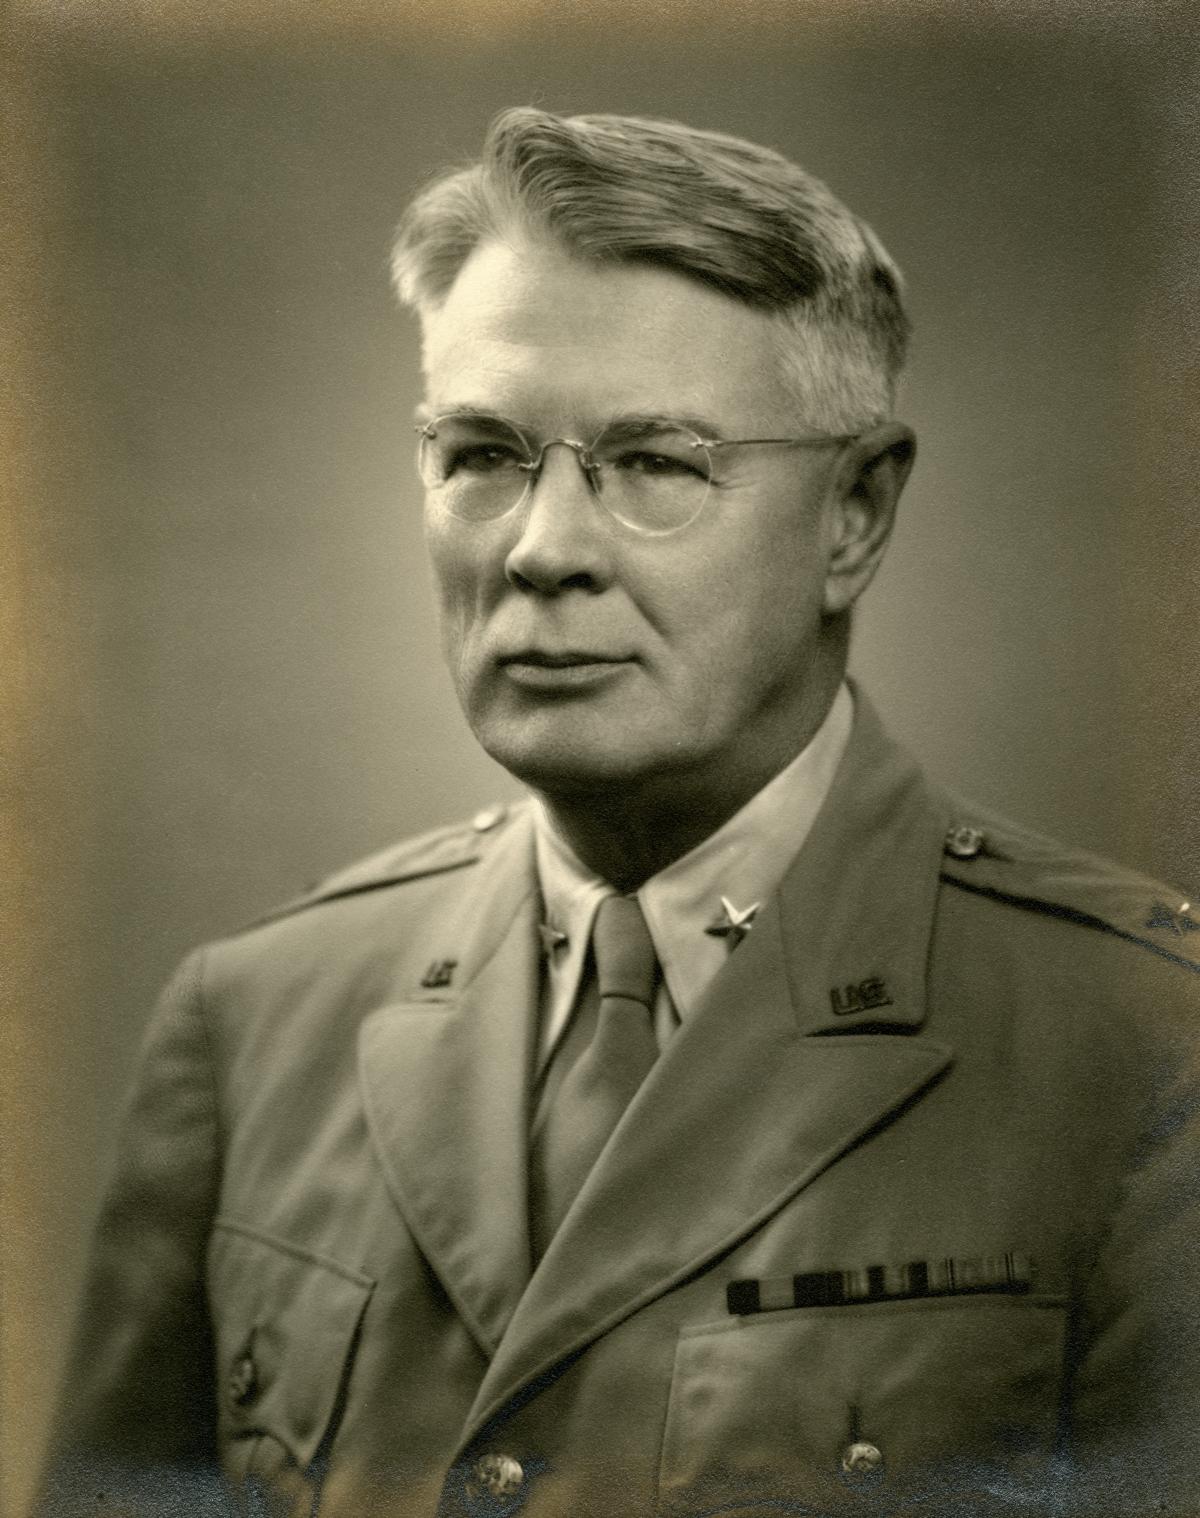 Portrait of Brigadier General Vivian Collins.